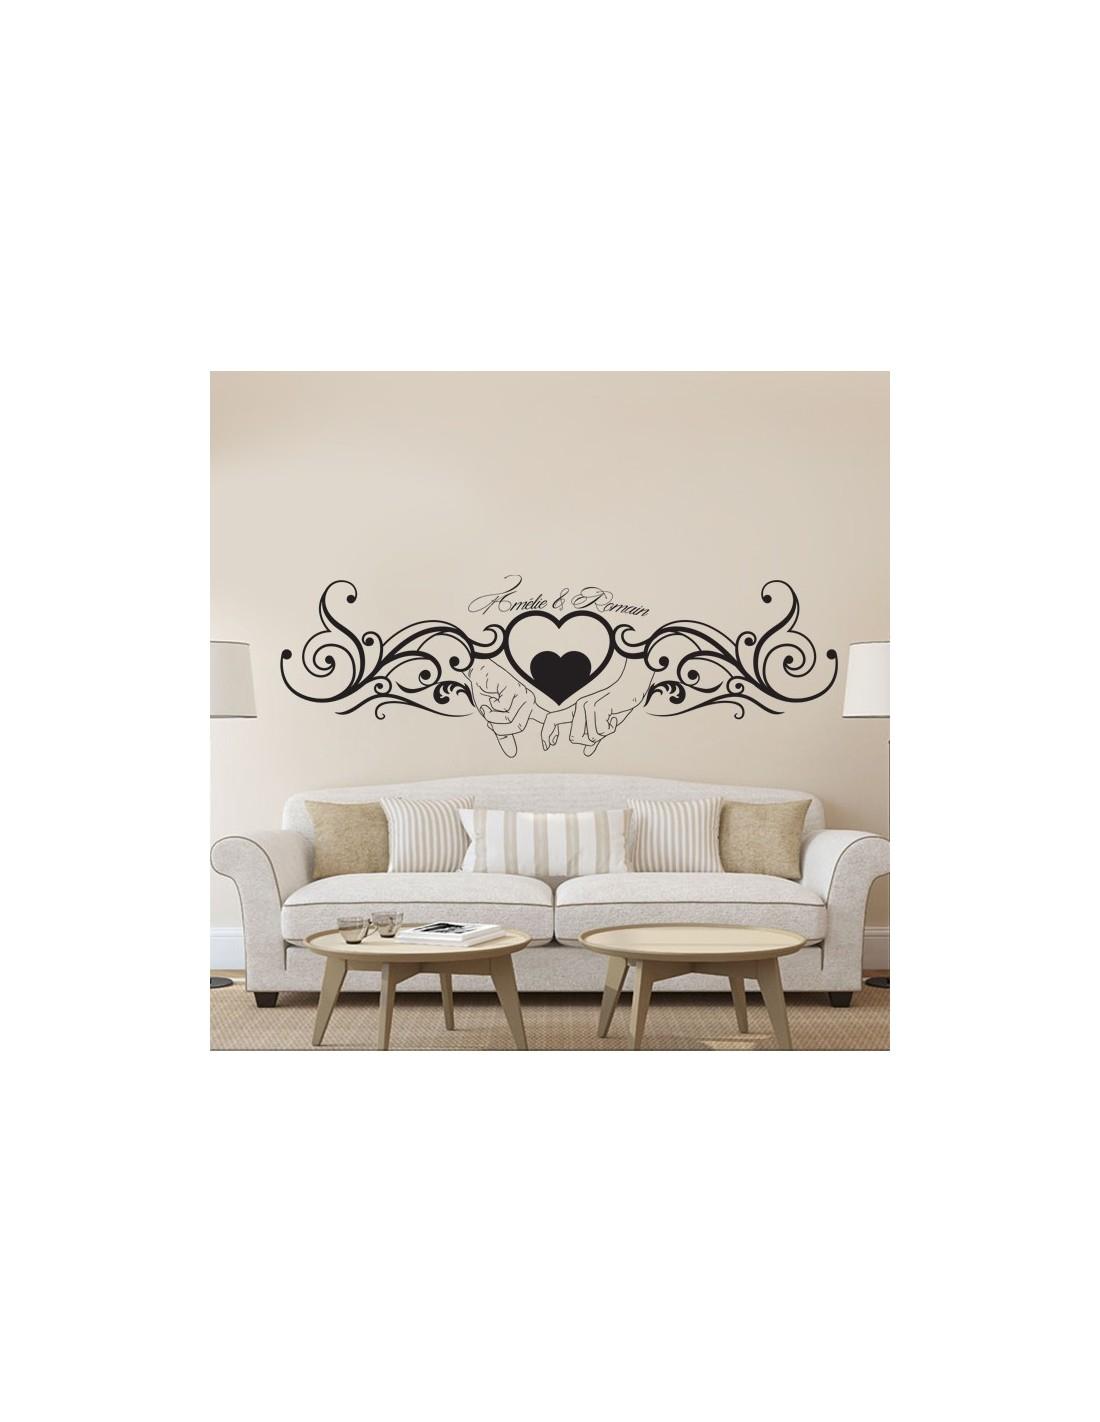 stickers muraux t te de lit sticker pr nom personnalis couple amour. Black Bedroom Furniture Sets. Home Design Ideas